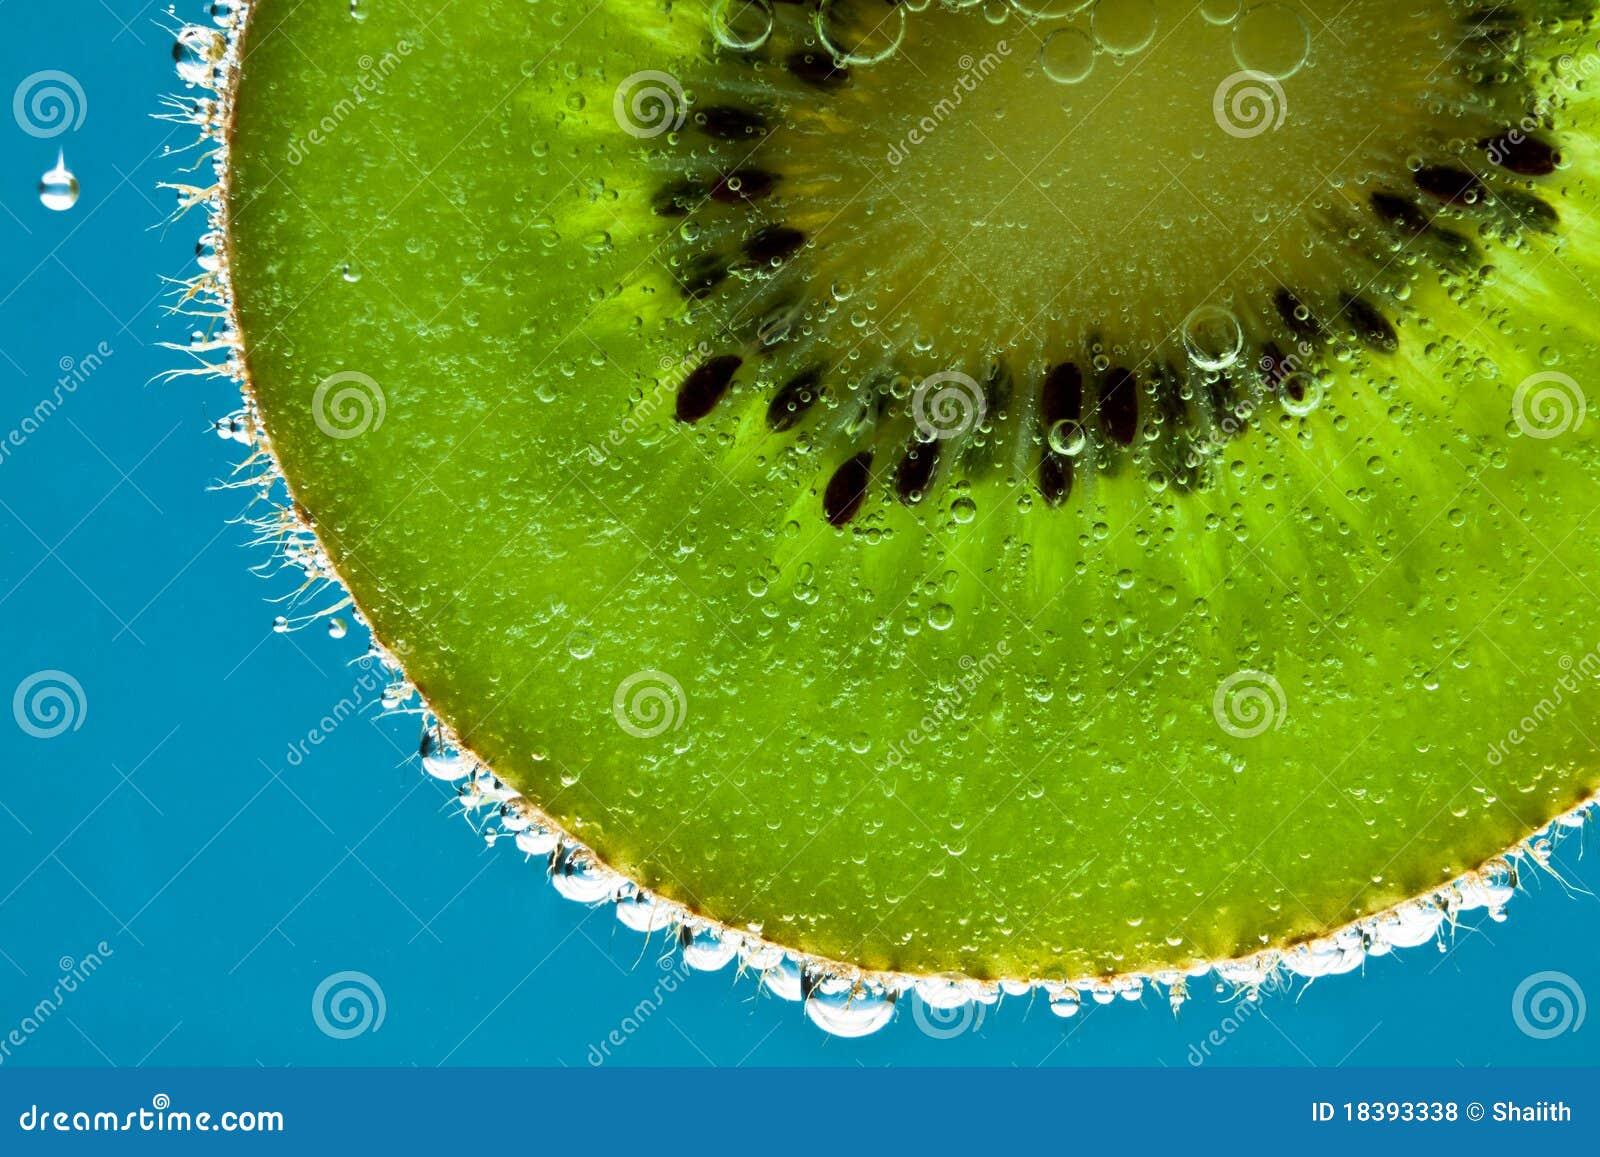 kiwi jam kiwi smoothie kiwi cheesecake kiwi salsa 75 sparkling ...